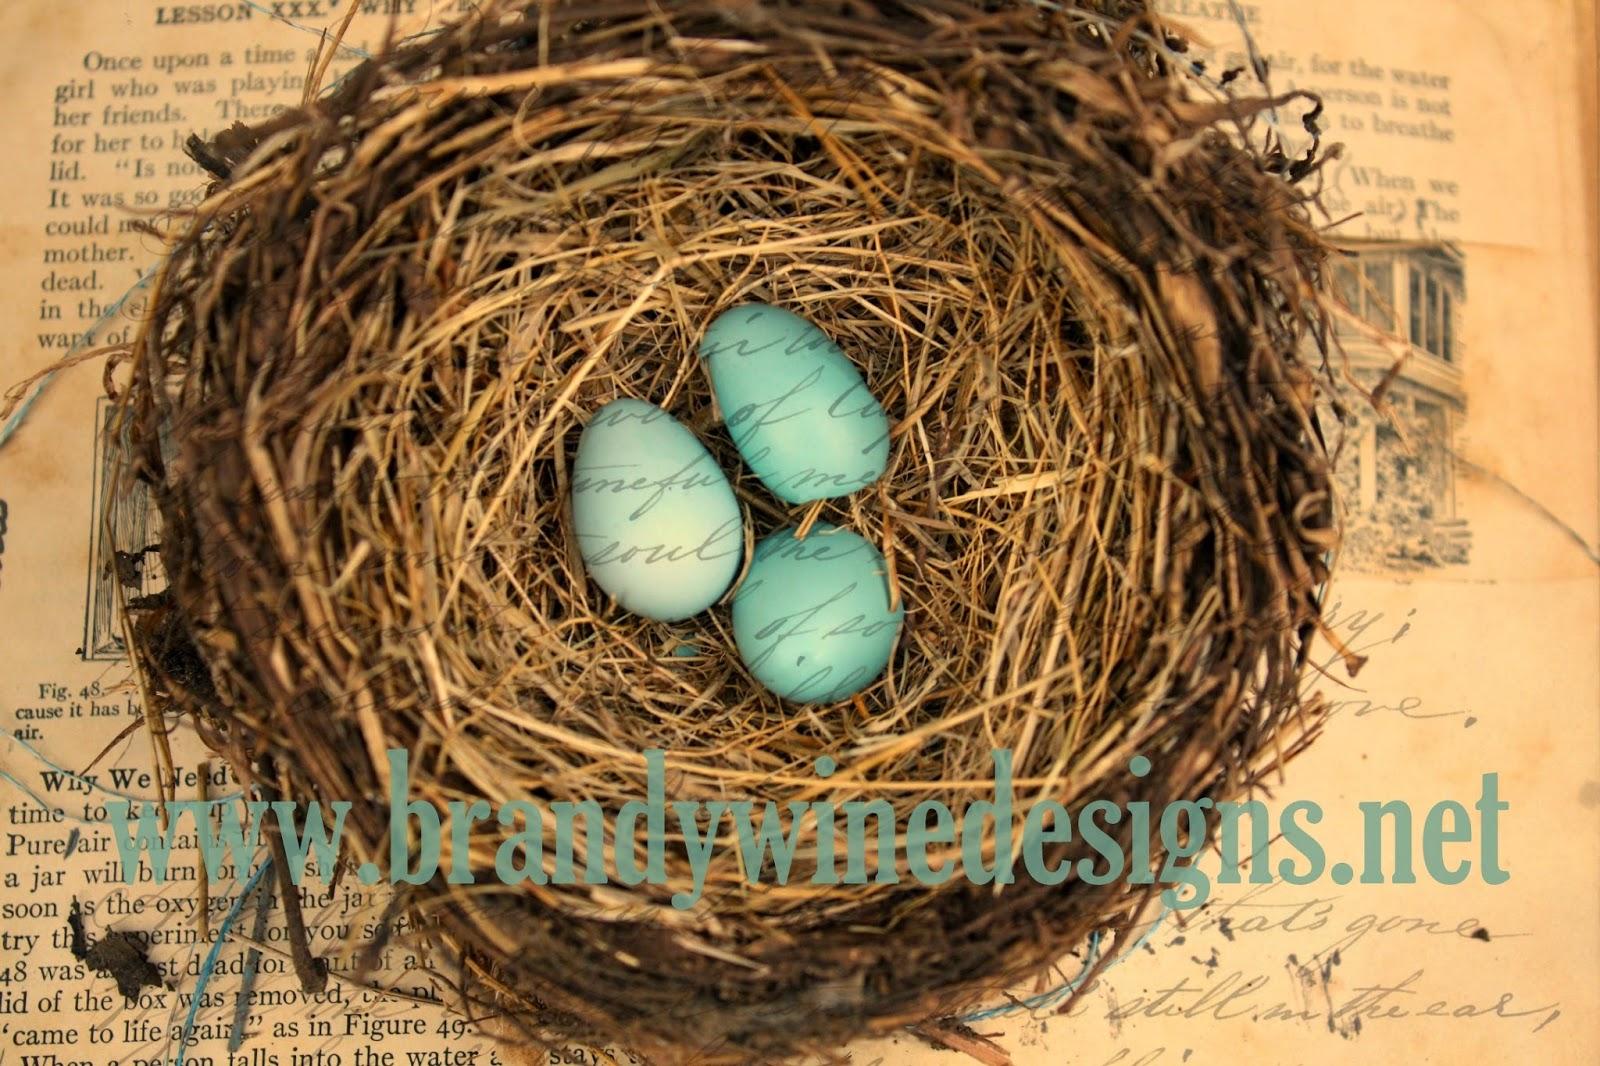 www.brandywinedesigns.net